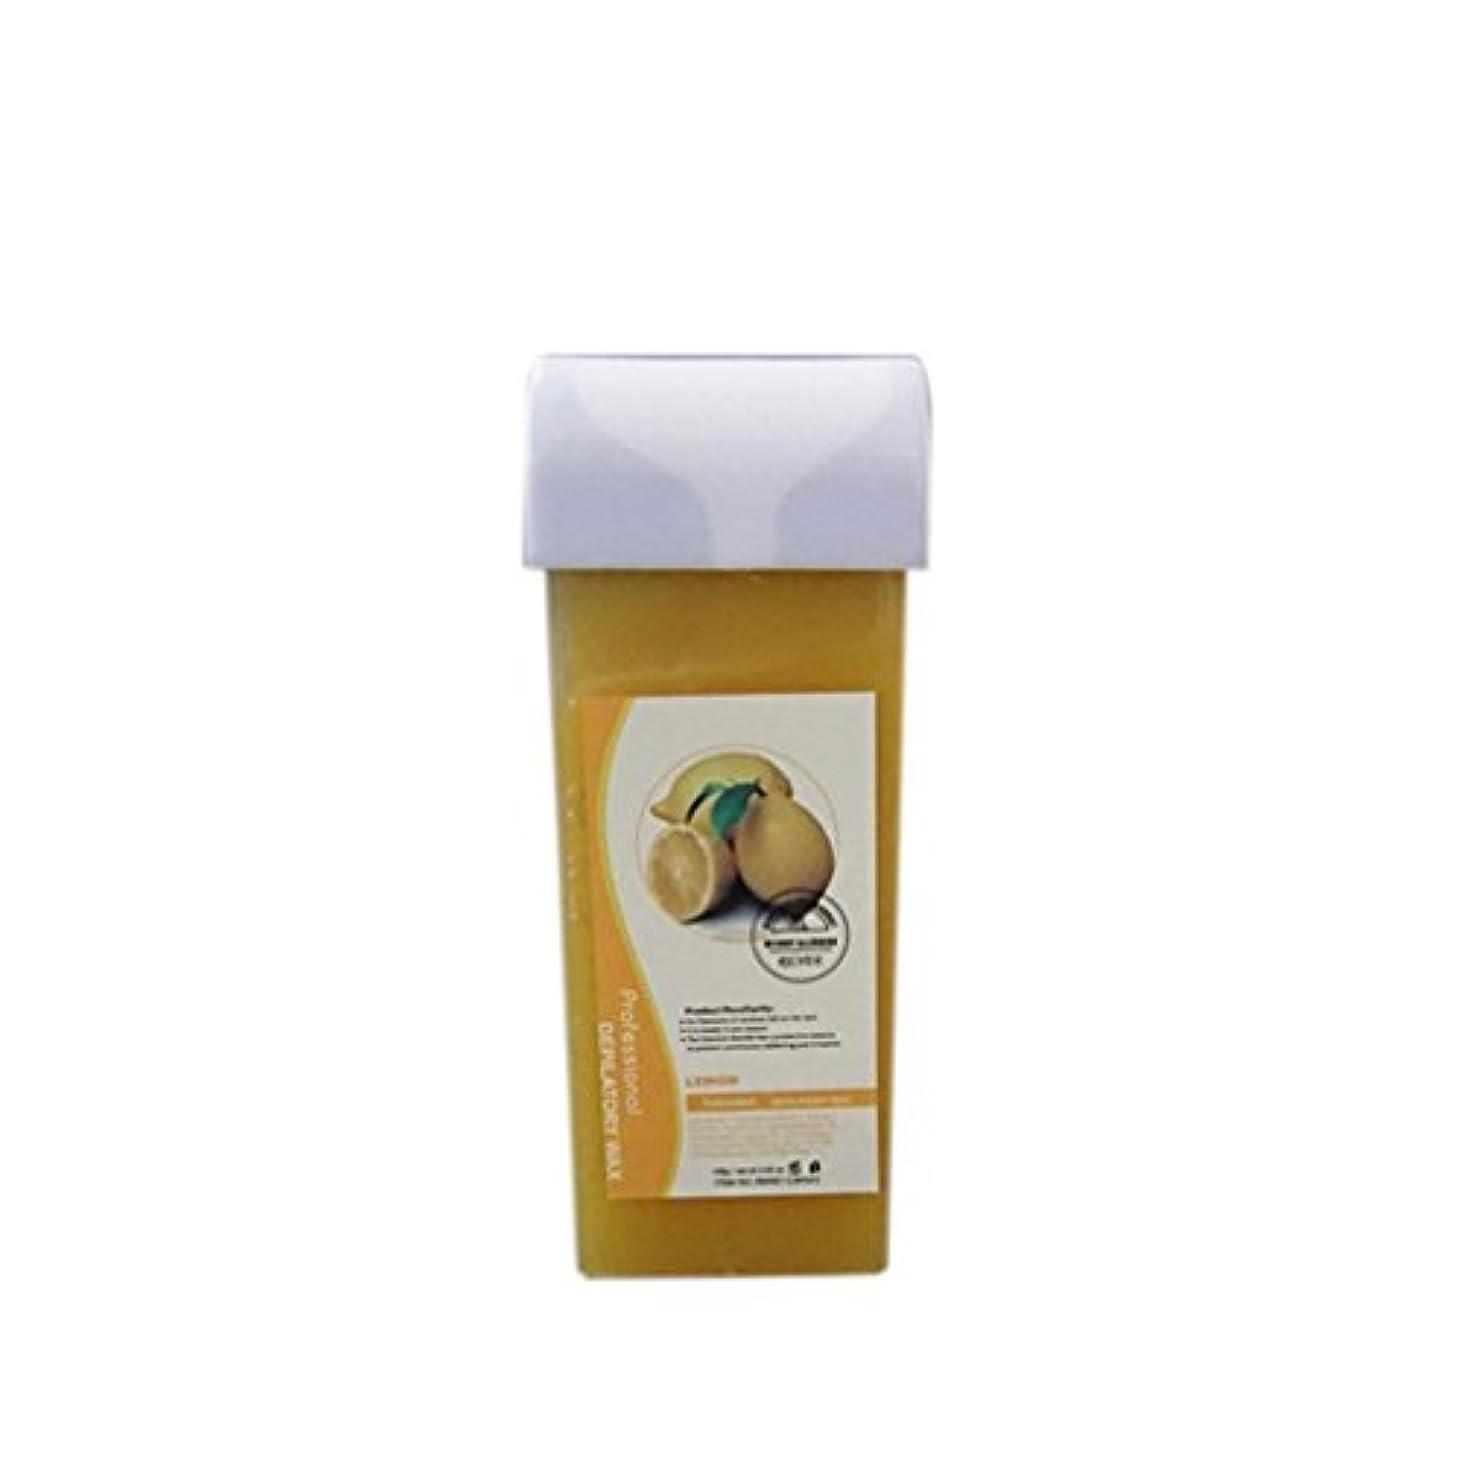 アロングペニードル[SakuraBest] 100G Heater Wax Depilatory For Hair Removal, 100Gヒーターワックス脱毛除毛用